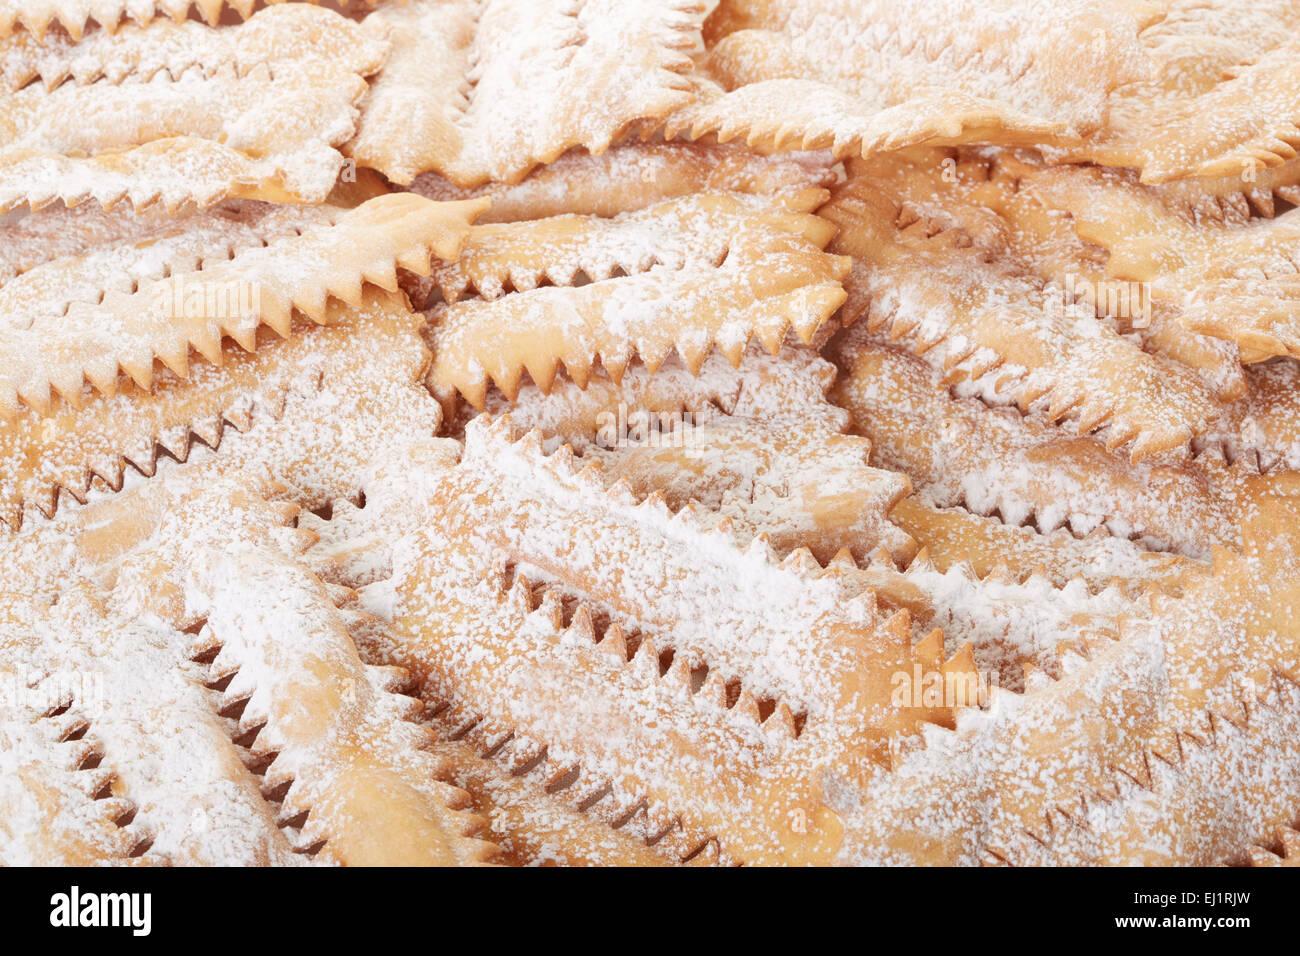 Chiacchiere, Carnaval de fondo de pastelería italiana Imagen De Stock